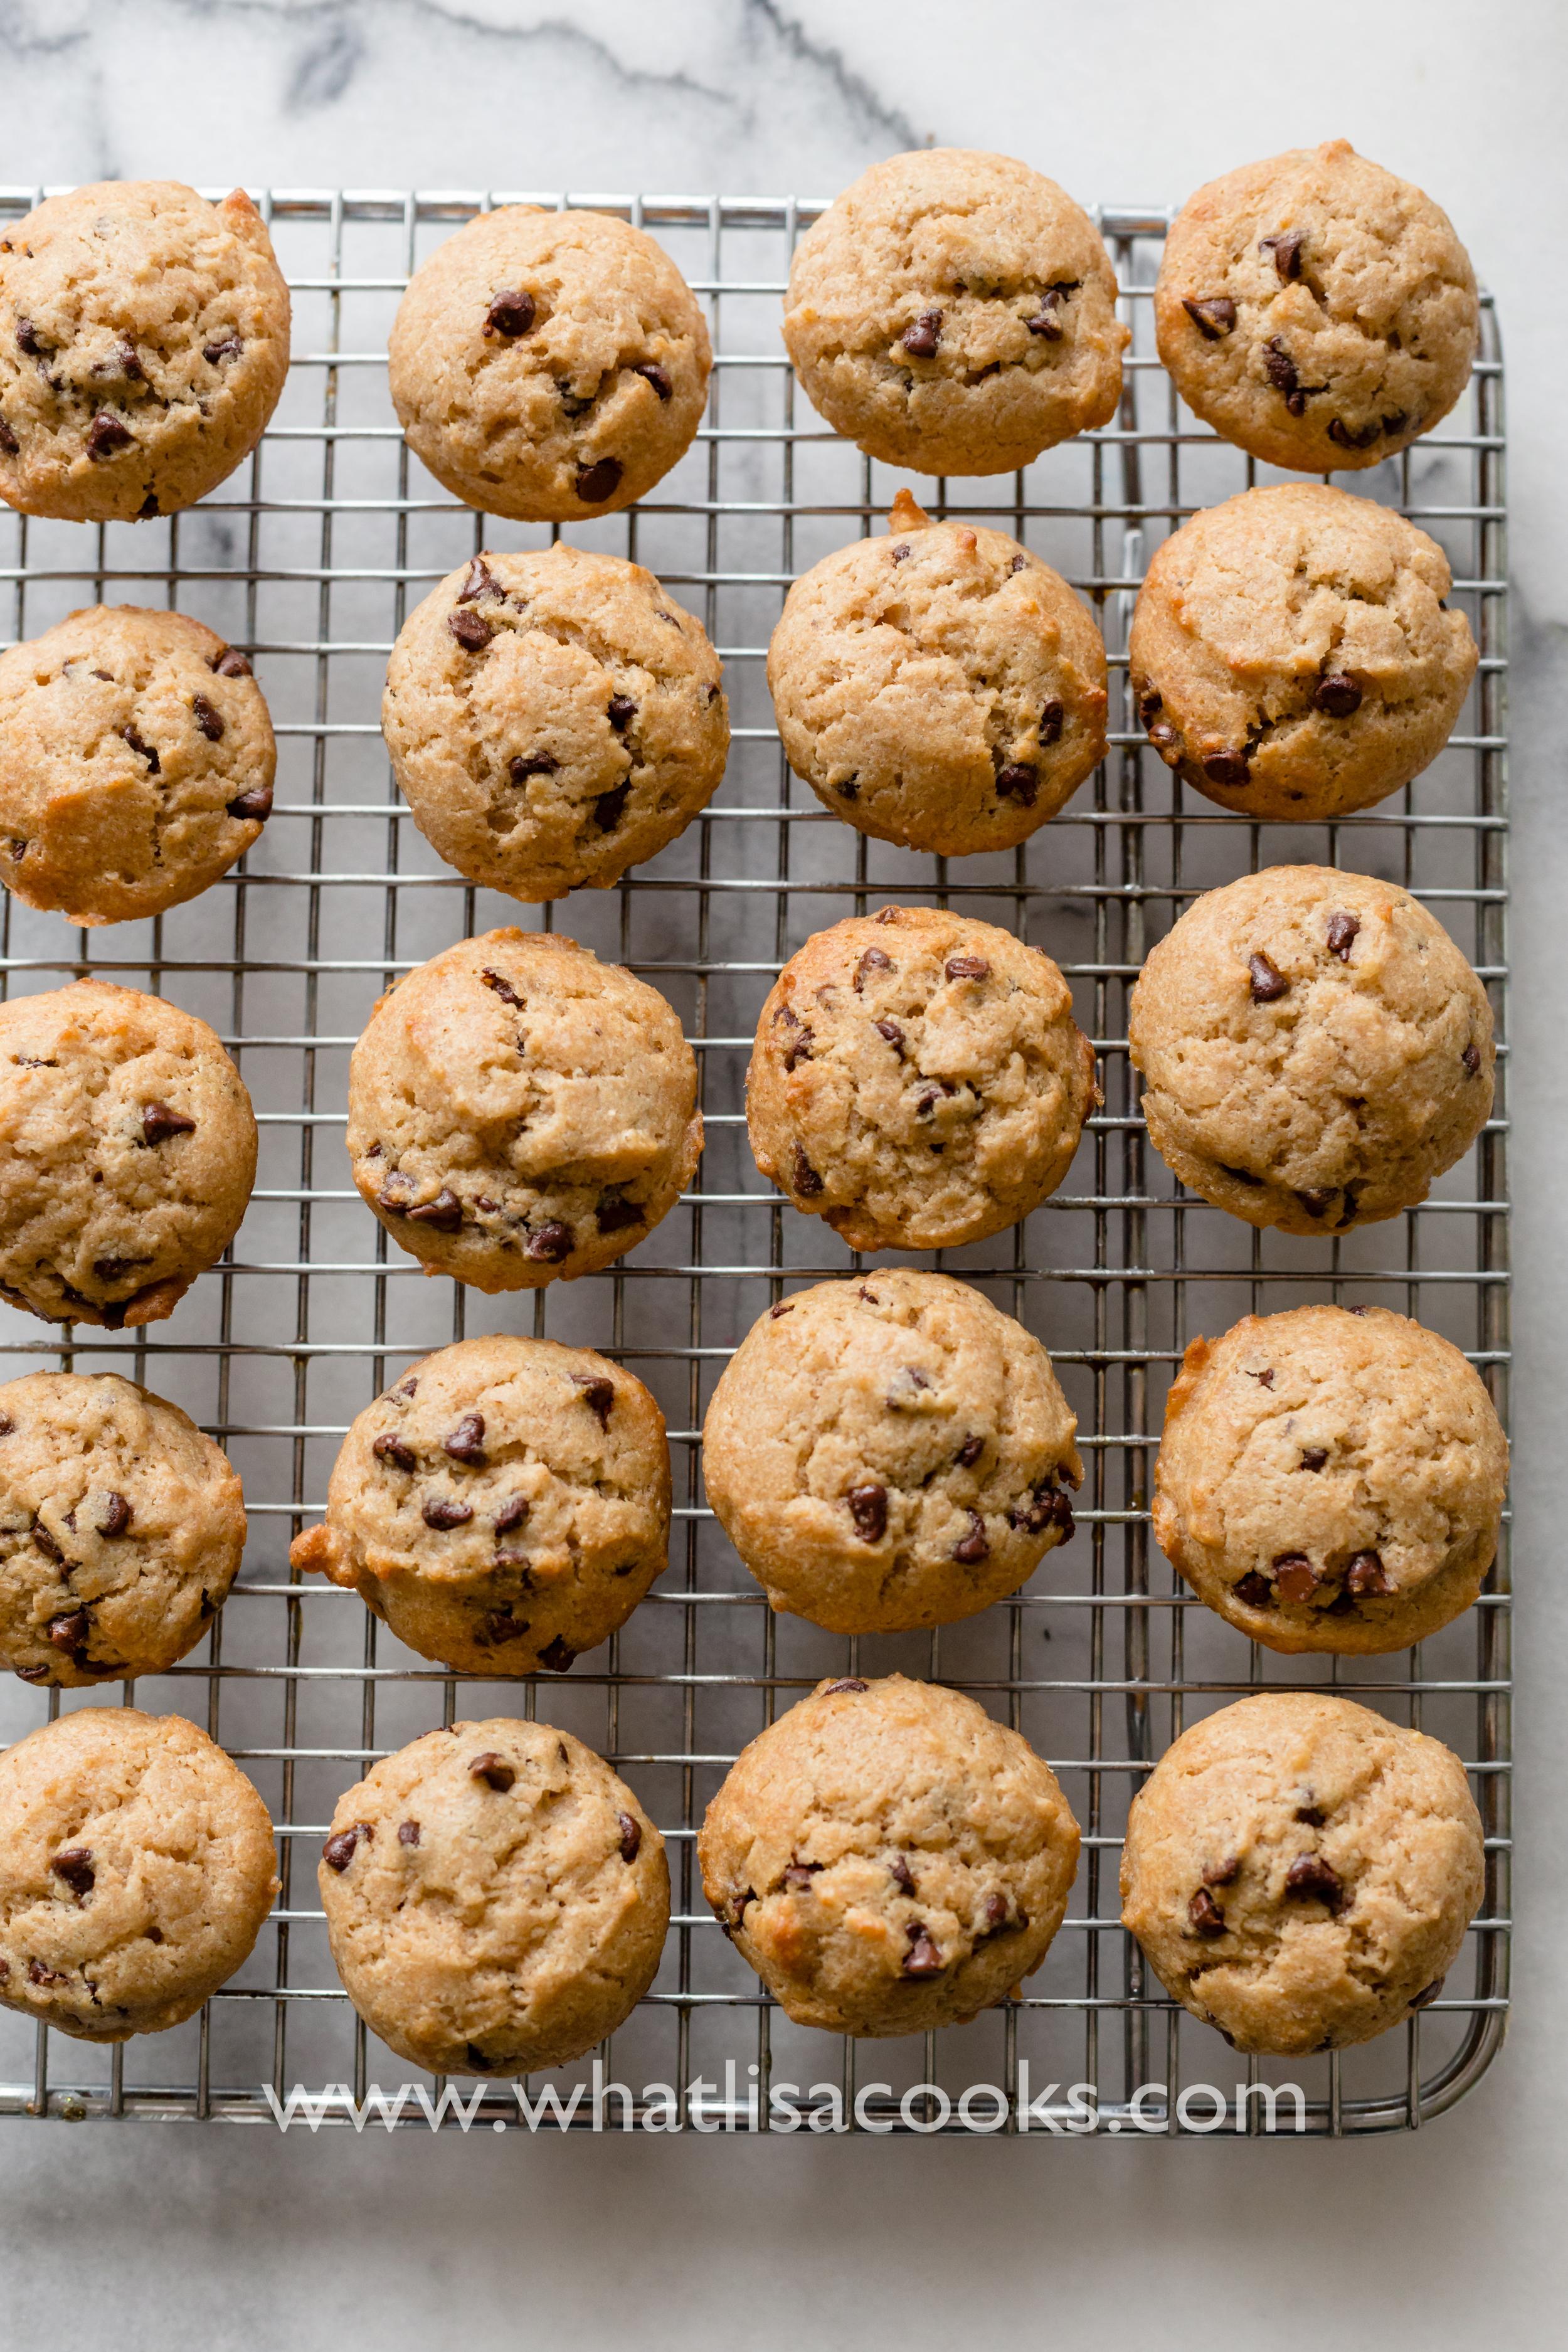 Banana chocolate chip mini muffins.